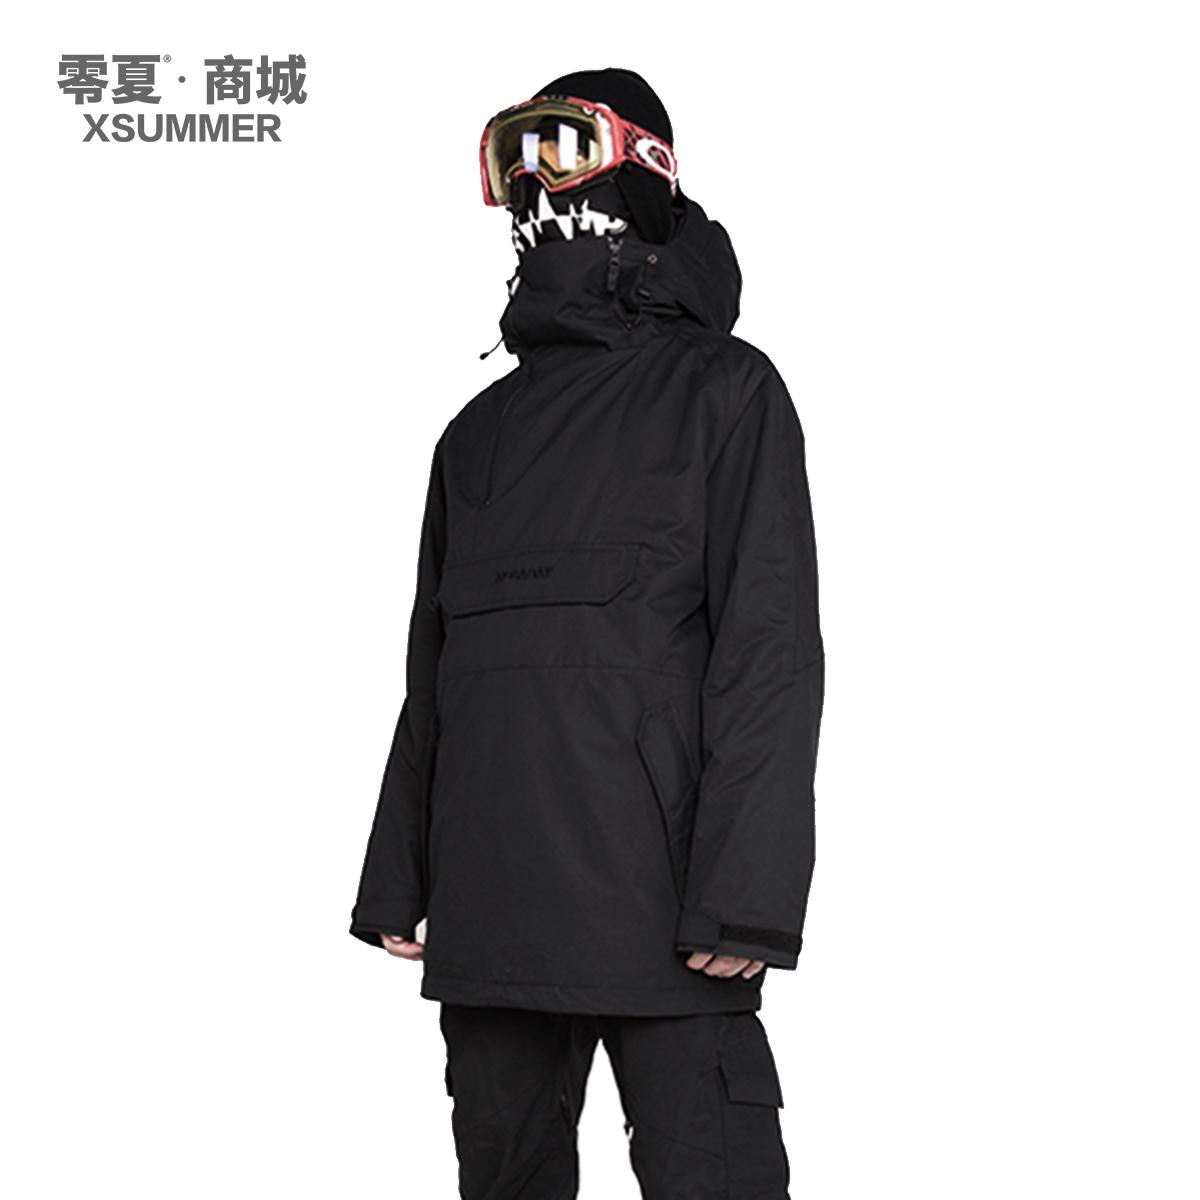 【 нулю лето 】NOBADAY / ND шпон катание на лыжах черная одежда цвет рукав голову катание на лыжах одежда геометрическом ветер подходит для мужчин и женщин